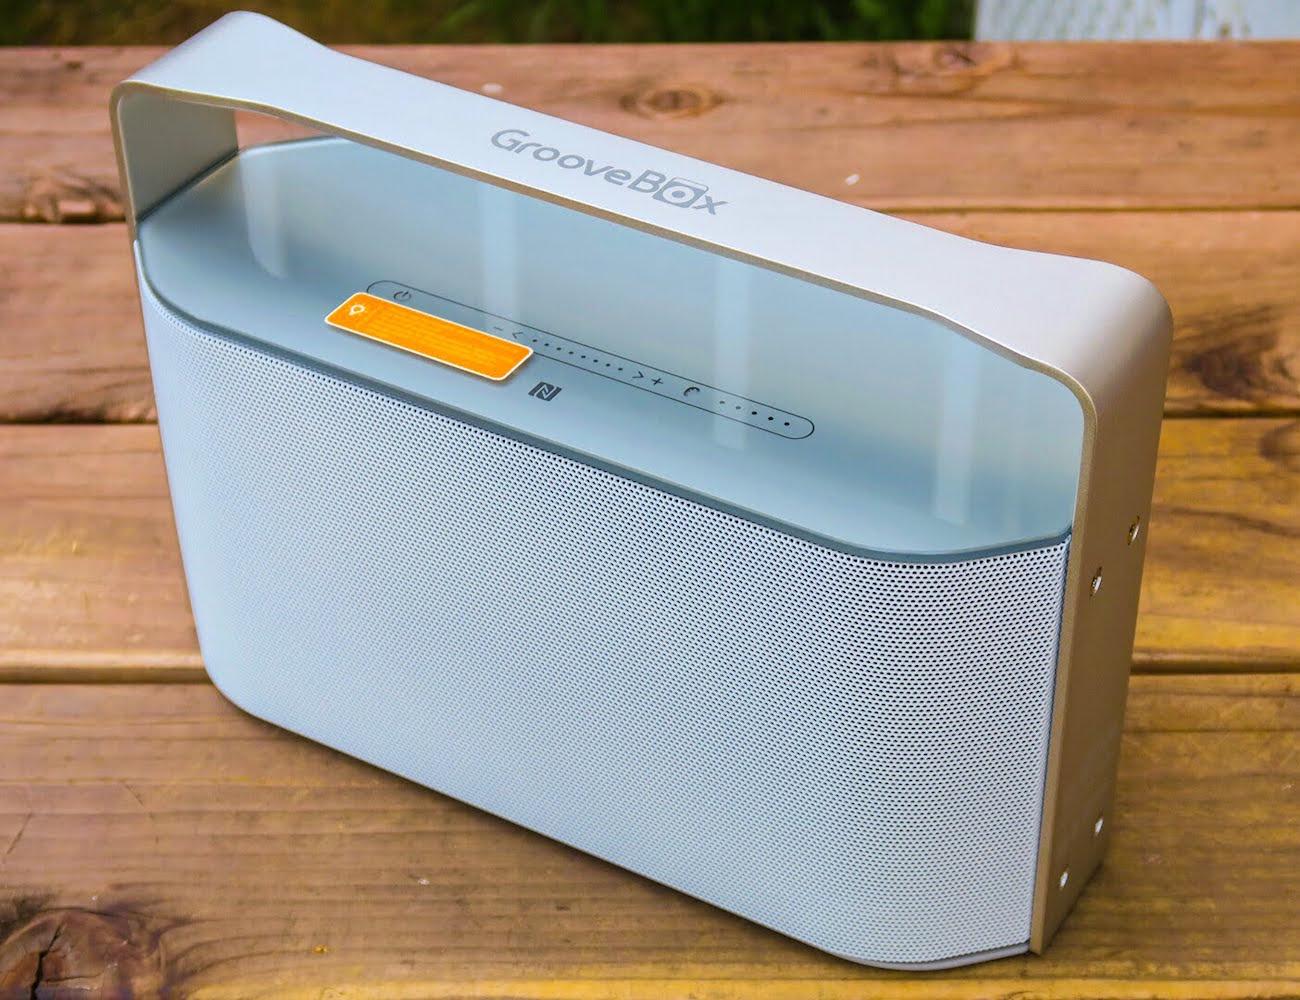 GrooveBox Bluetooth Speaker by iGroove